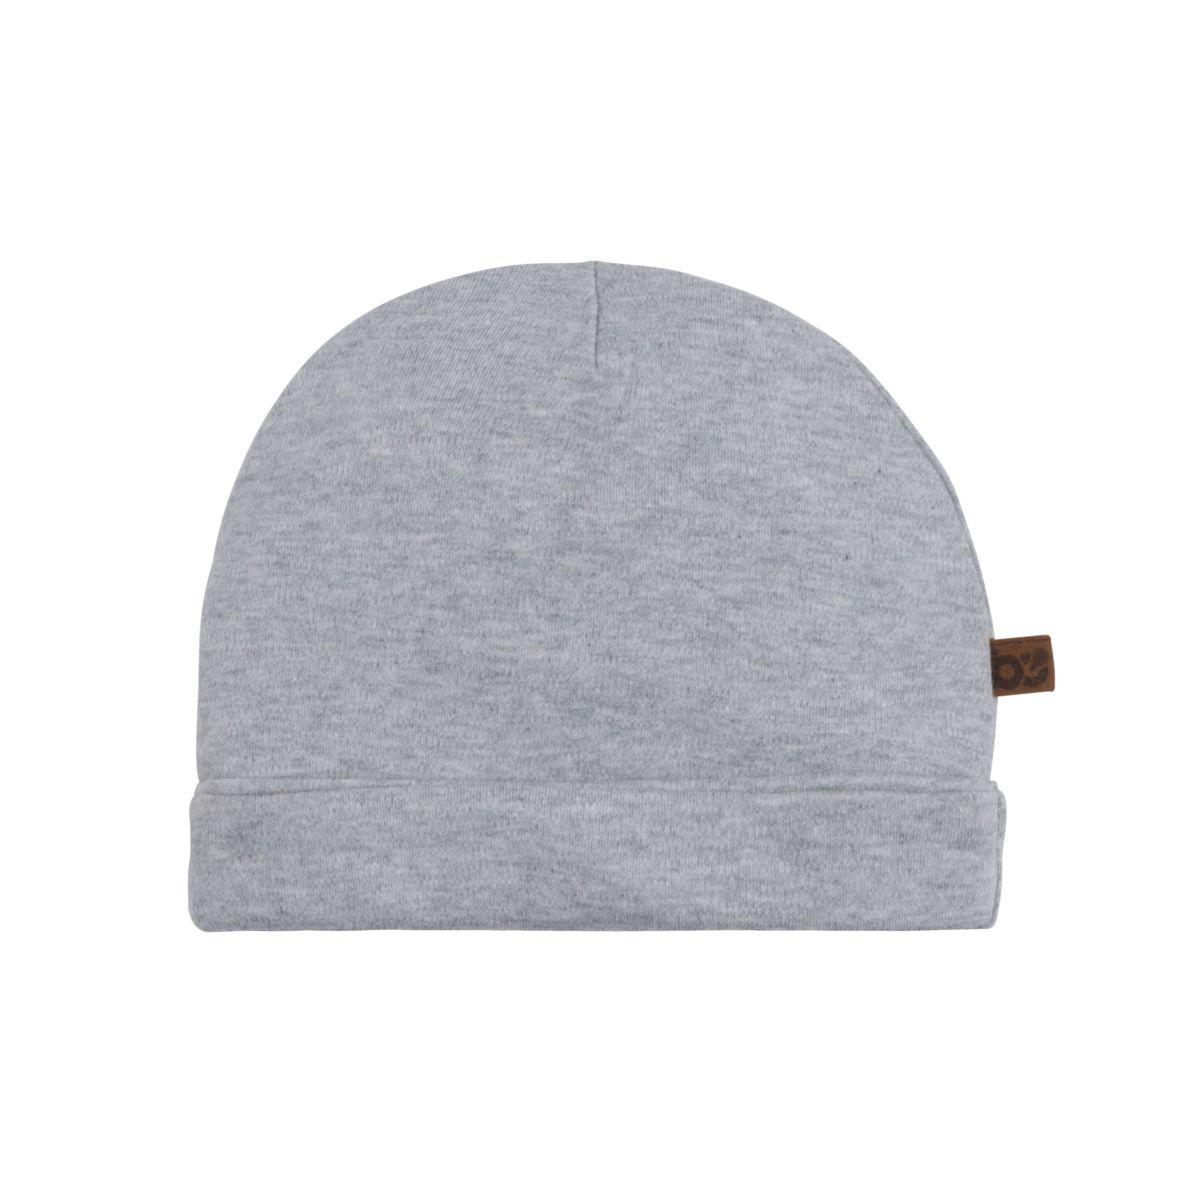 bonnet melange gris 03 mois